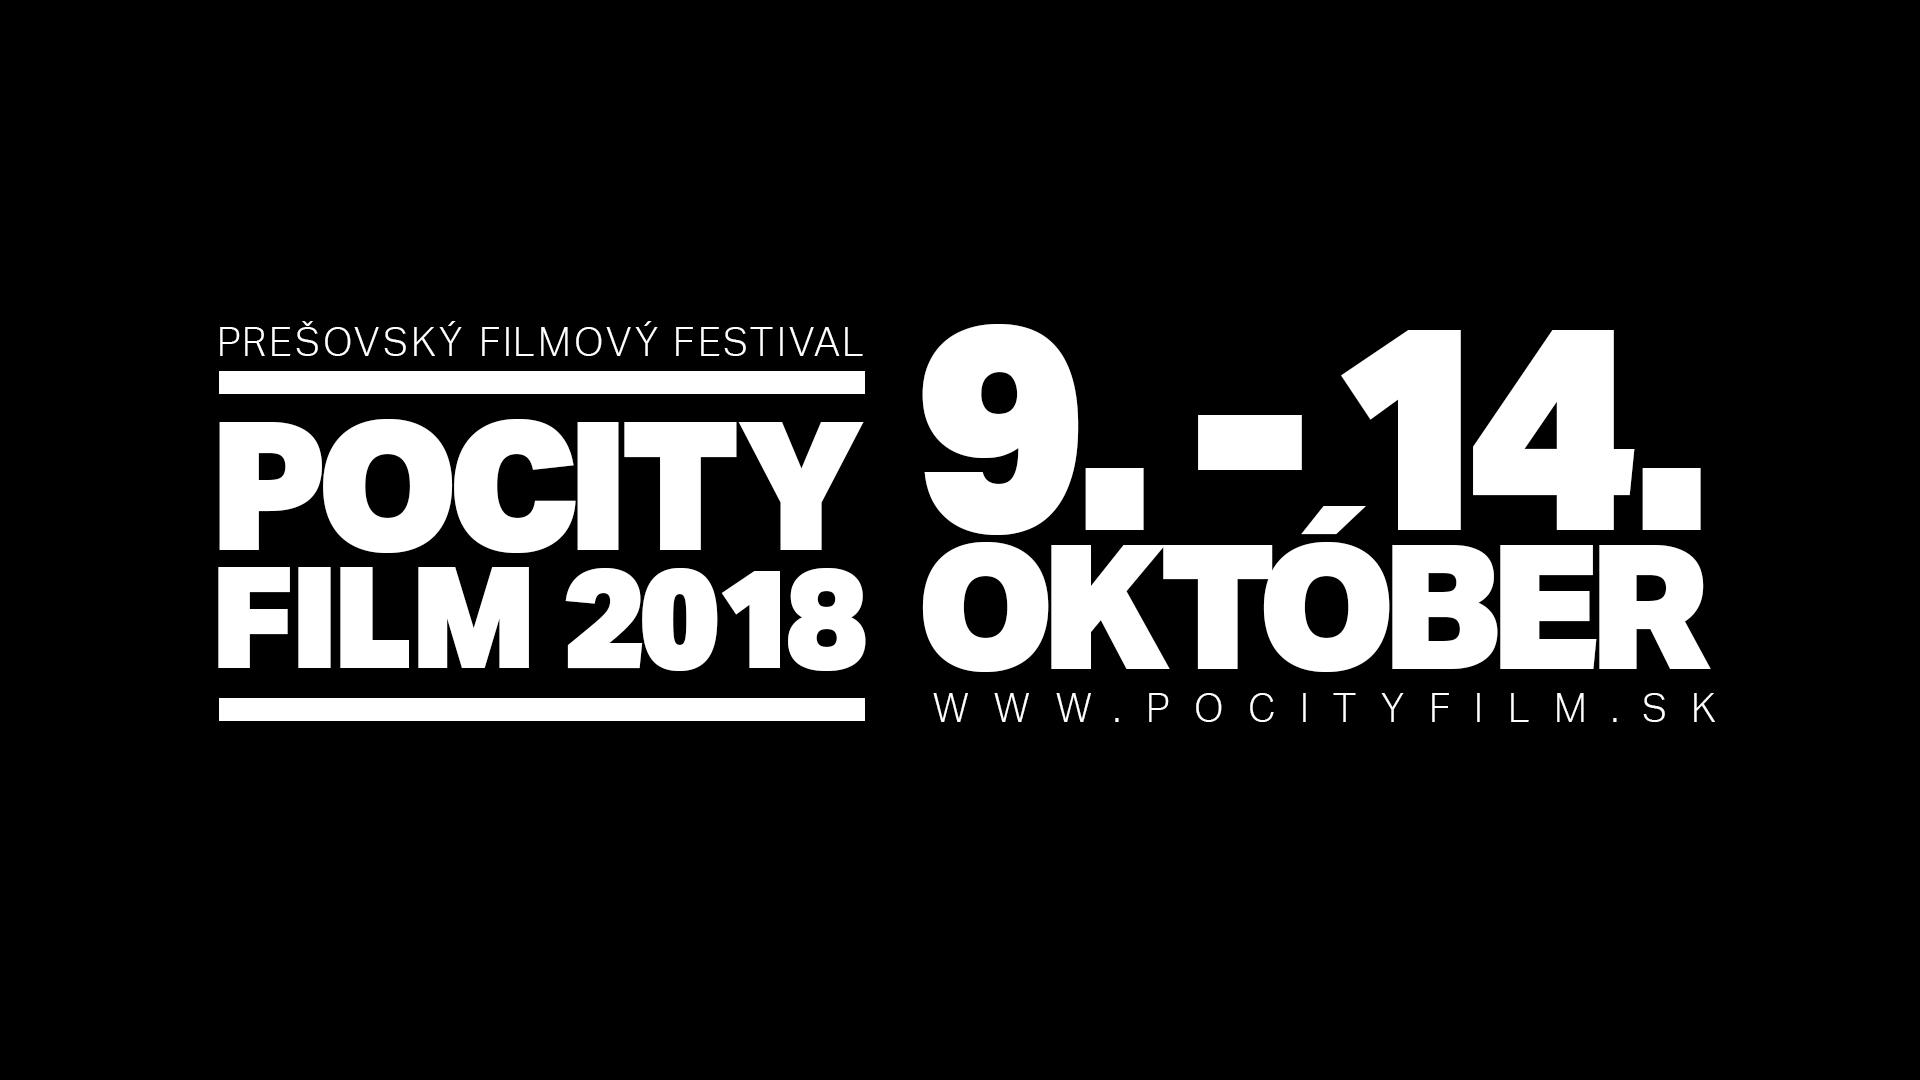 12b982a14 POCITY FILM svojim formátom a charakterom predstavuje jediné podujatie  svojho druhu v meste Prešov a jeho okolí. Festival prináša špecifickú  dramaturgiu s ...